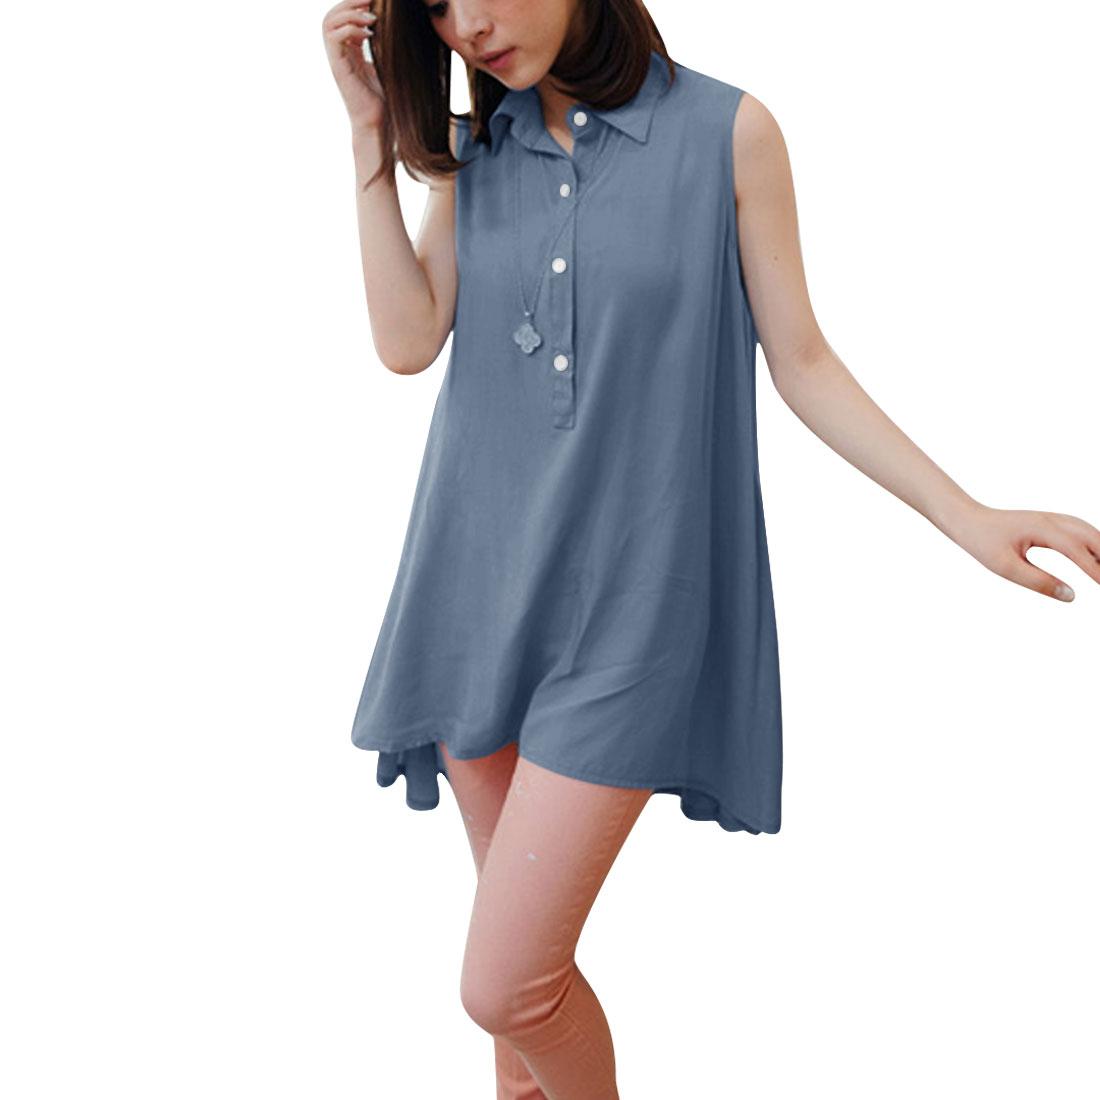 Women Sleeveless Low High Tops Light Blue XS